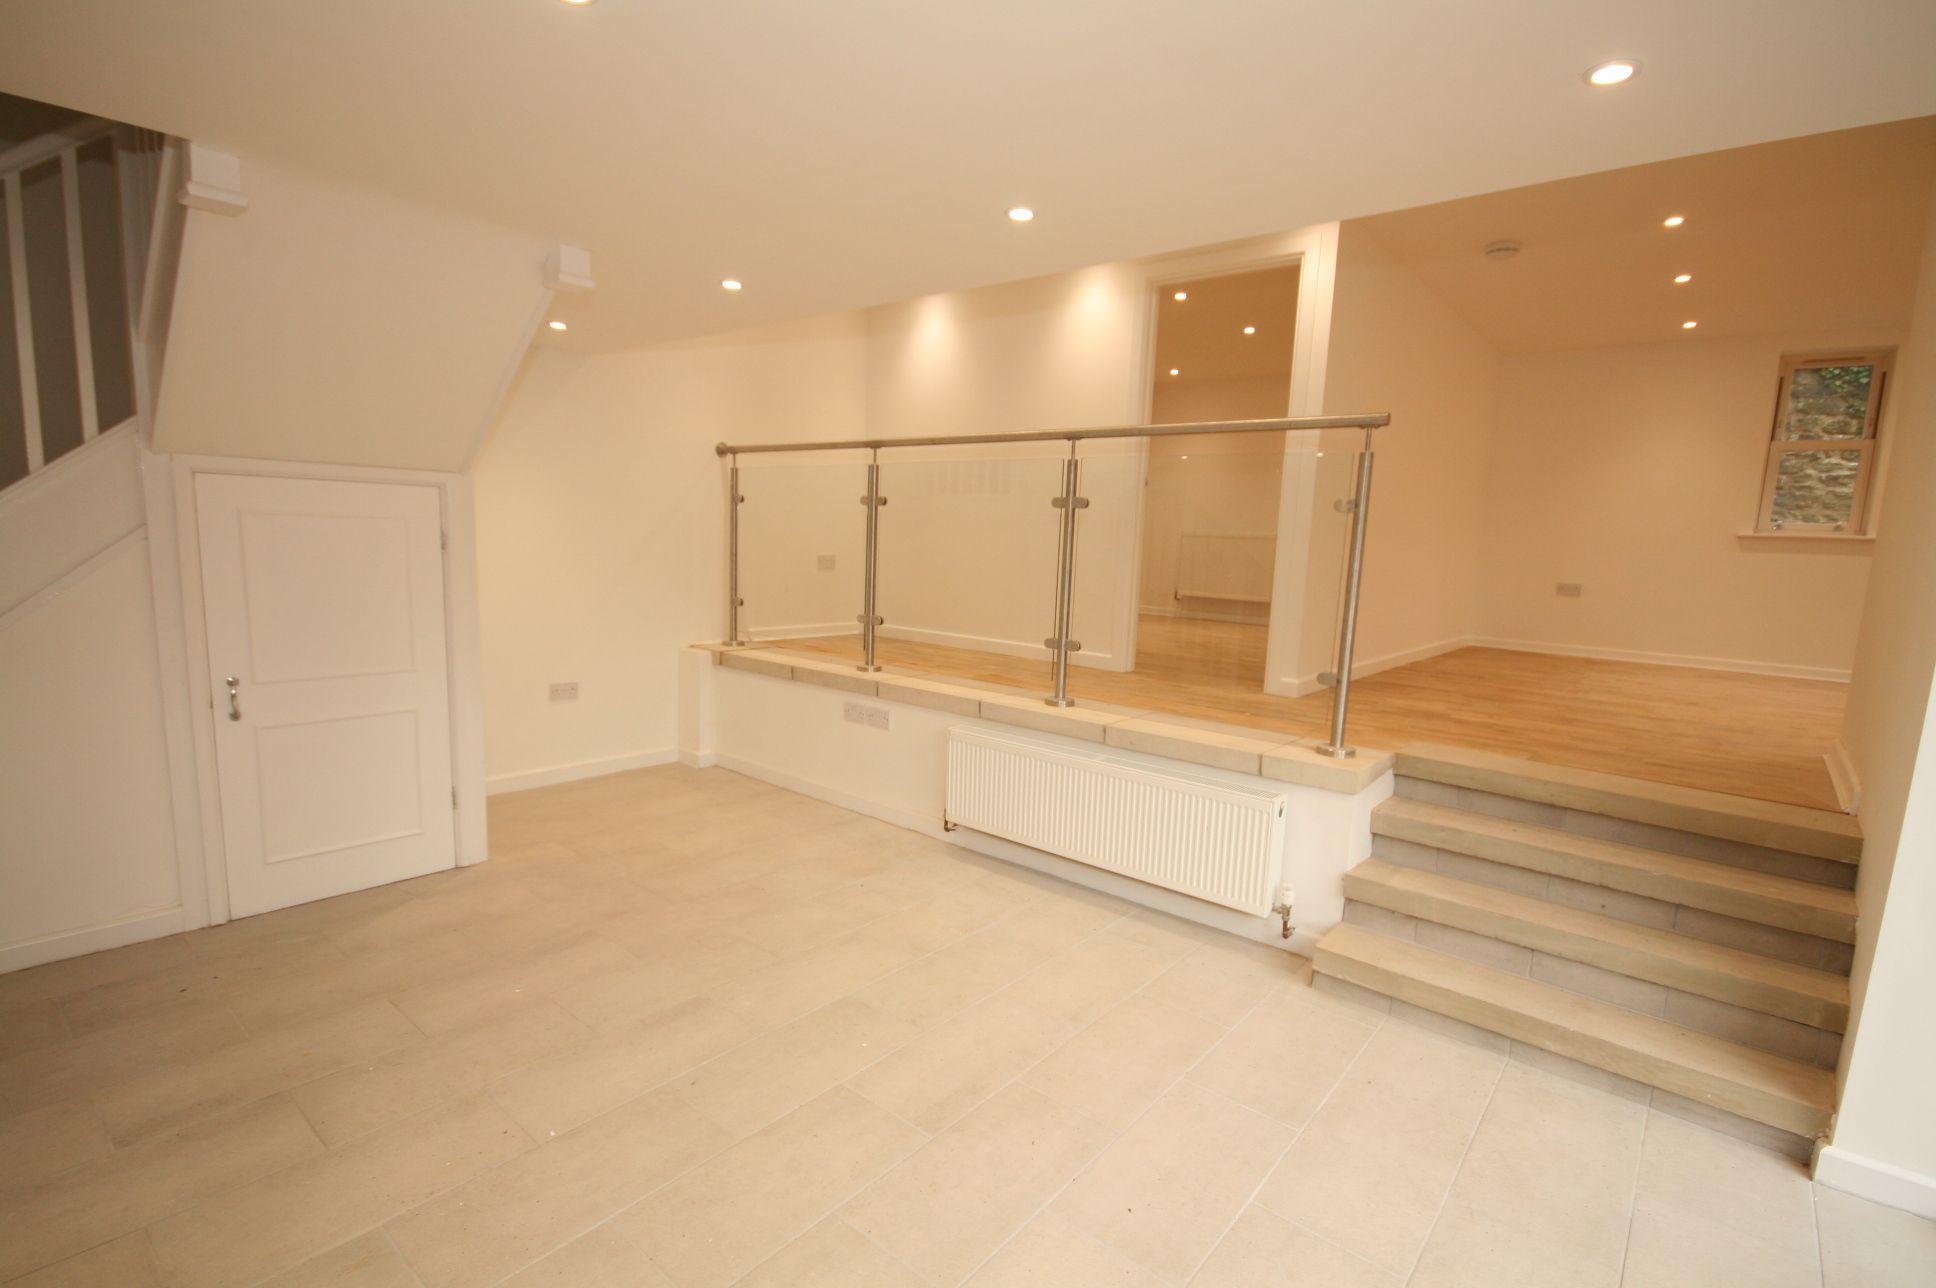 3 Bedroom Cottage House For Sale - Entrance hall